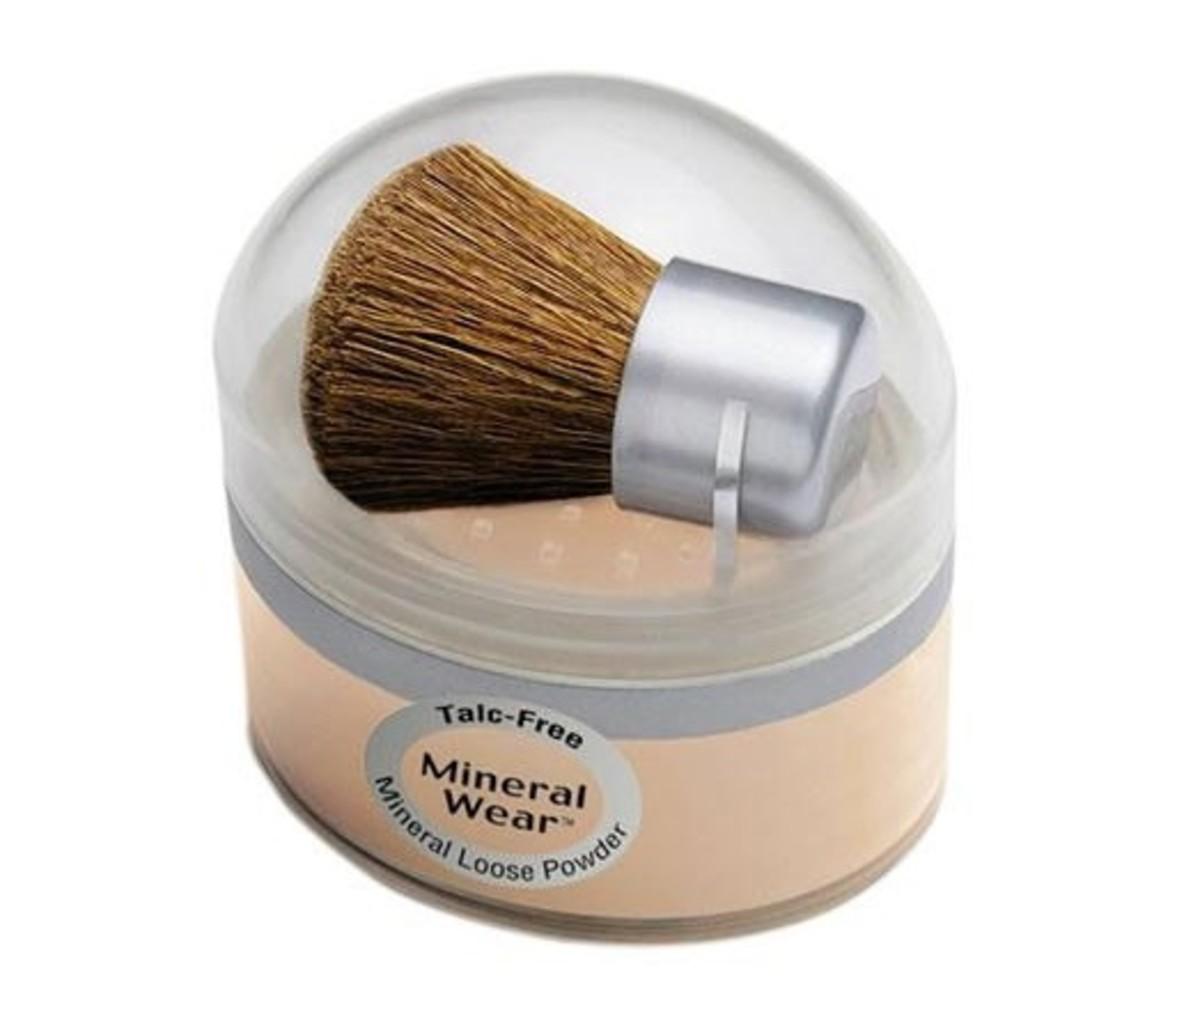 Mineral Wear®Talc-Free Mineral Loose Powder